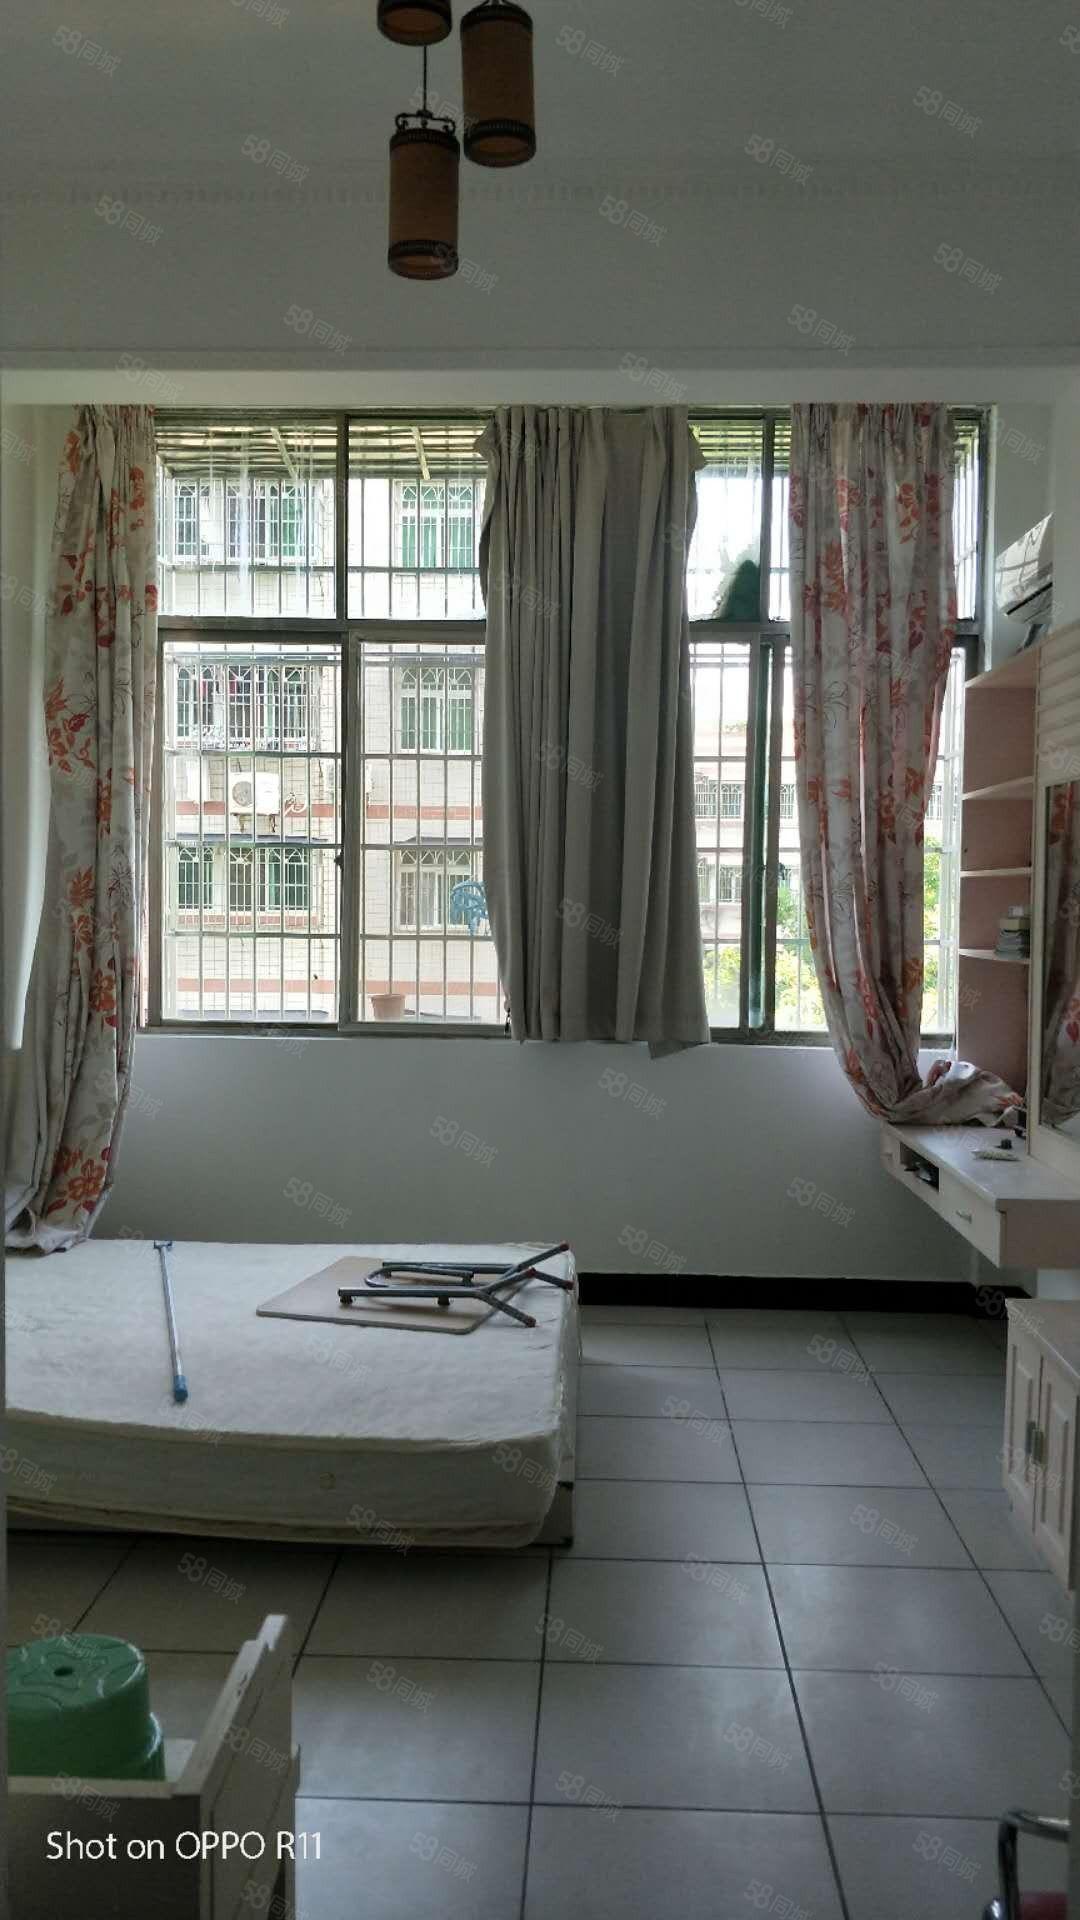 蓝天路九中28小05年小区精装1房居家投资优先选择